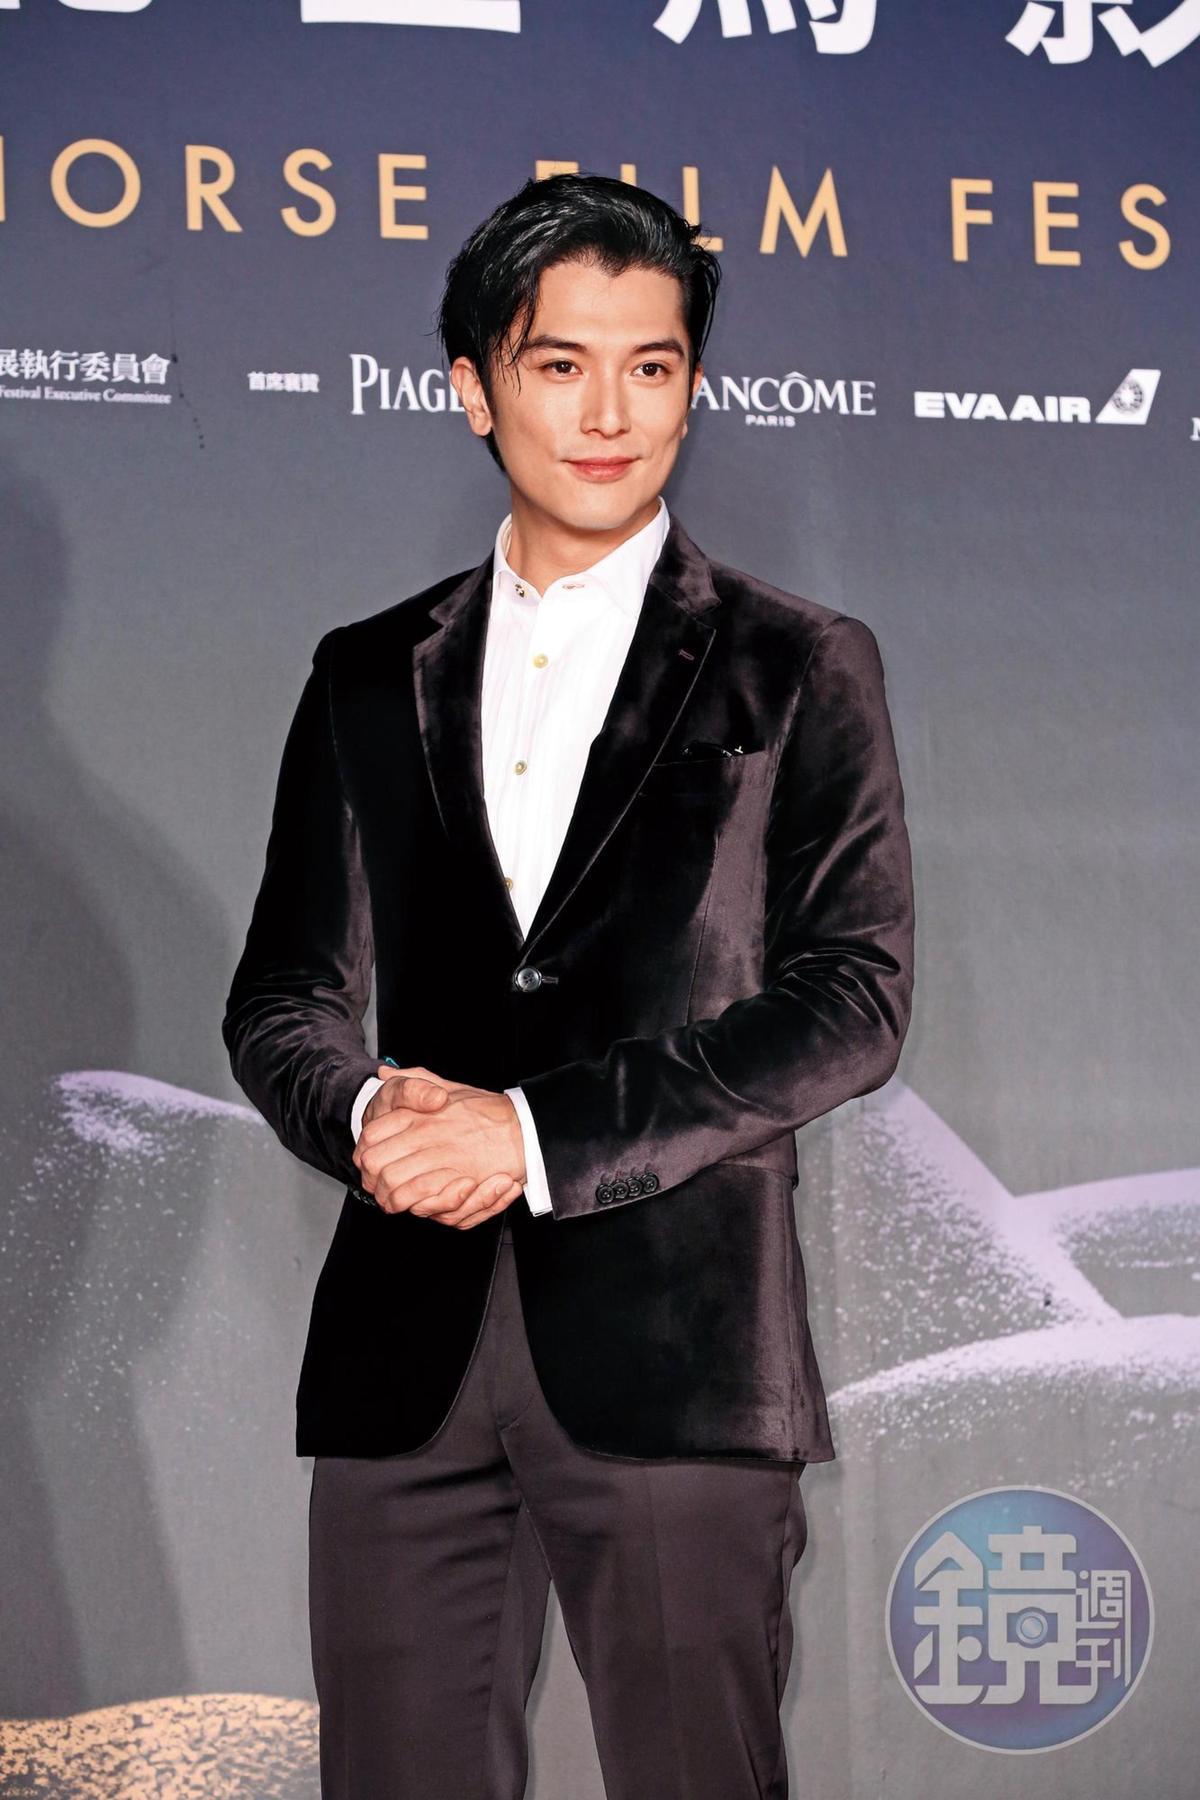 邱澤去年因《誰先愛上他的》獲金馬提名,雖然後來敗給徐崢,卻因此成為數部電影爭取合作的對象。